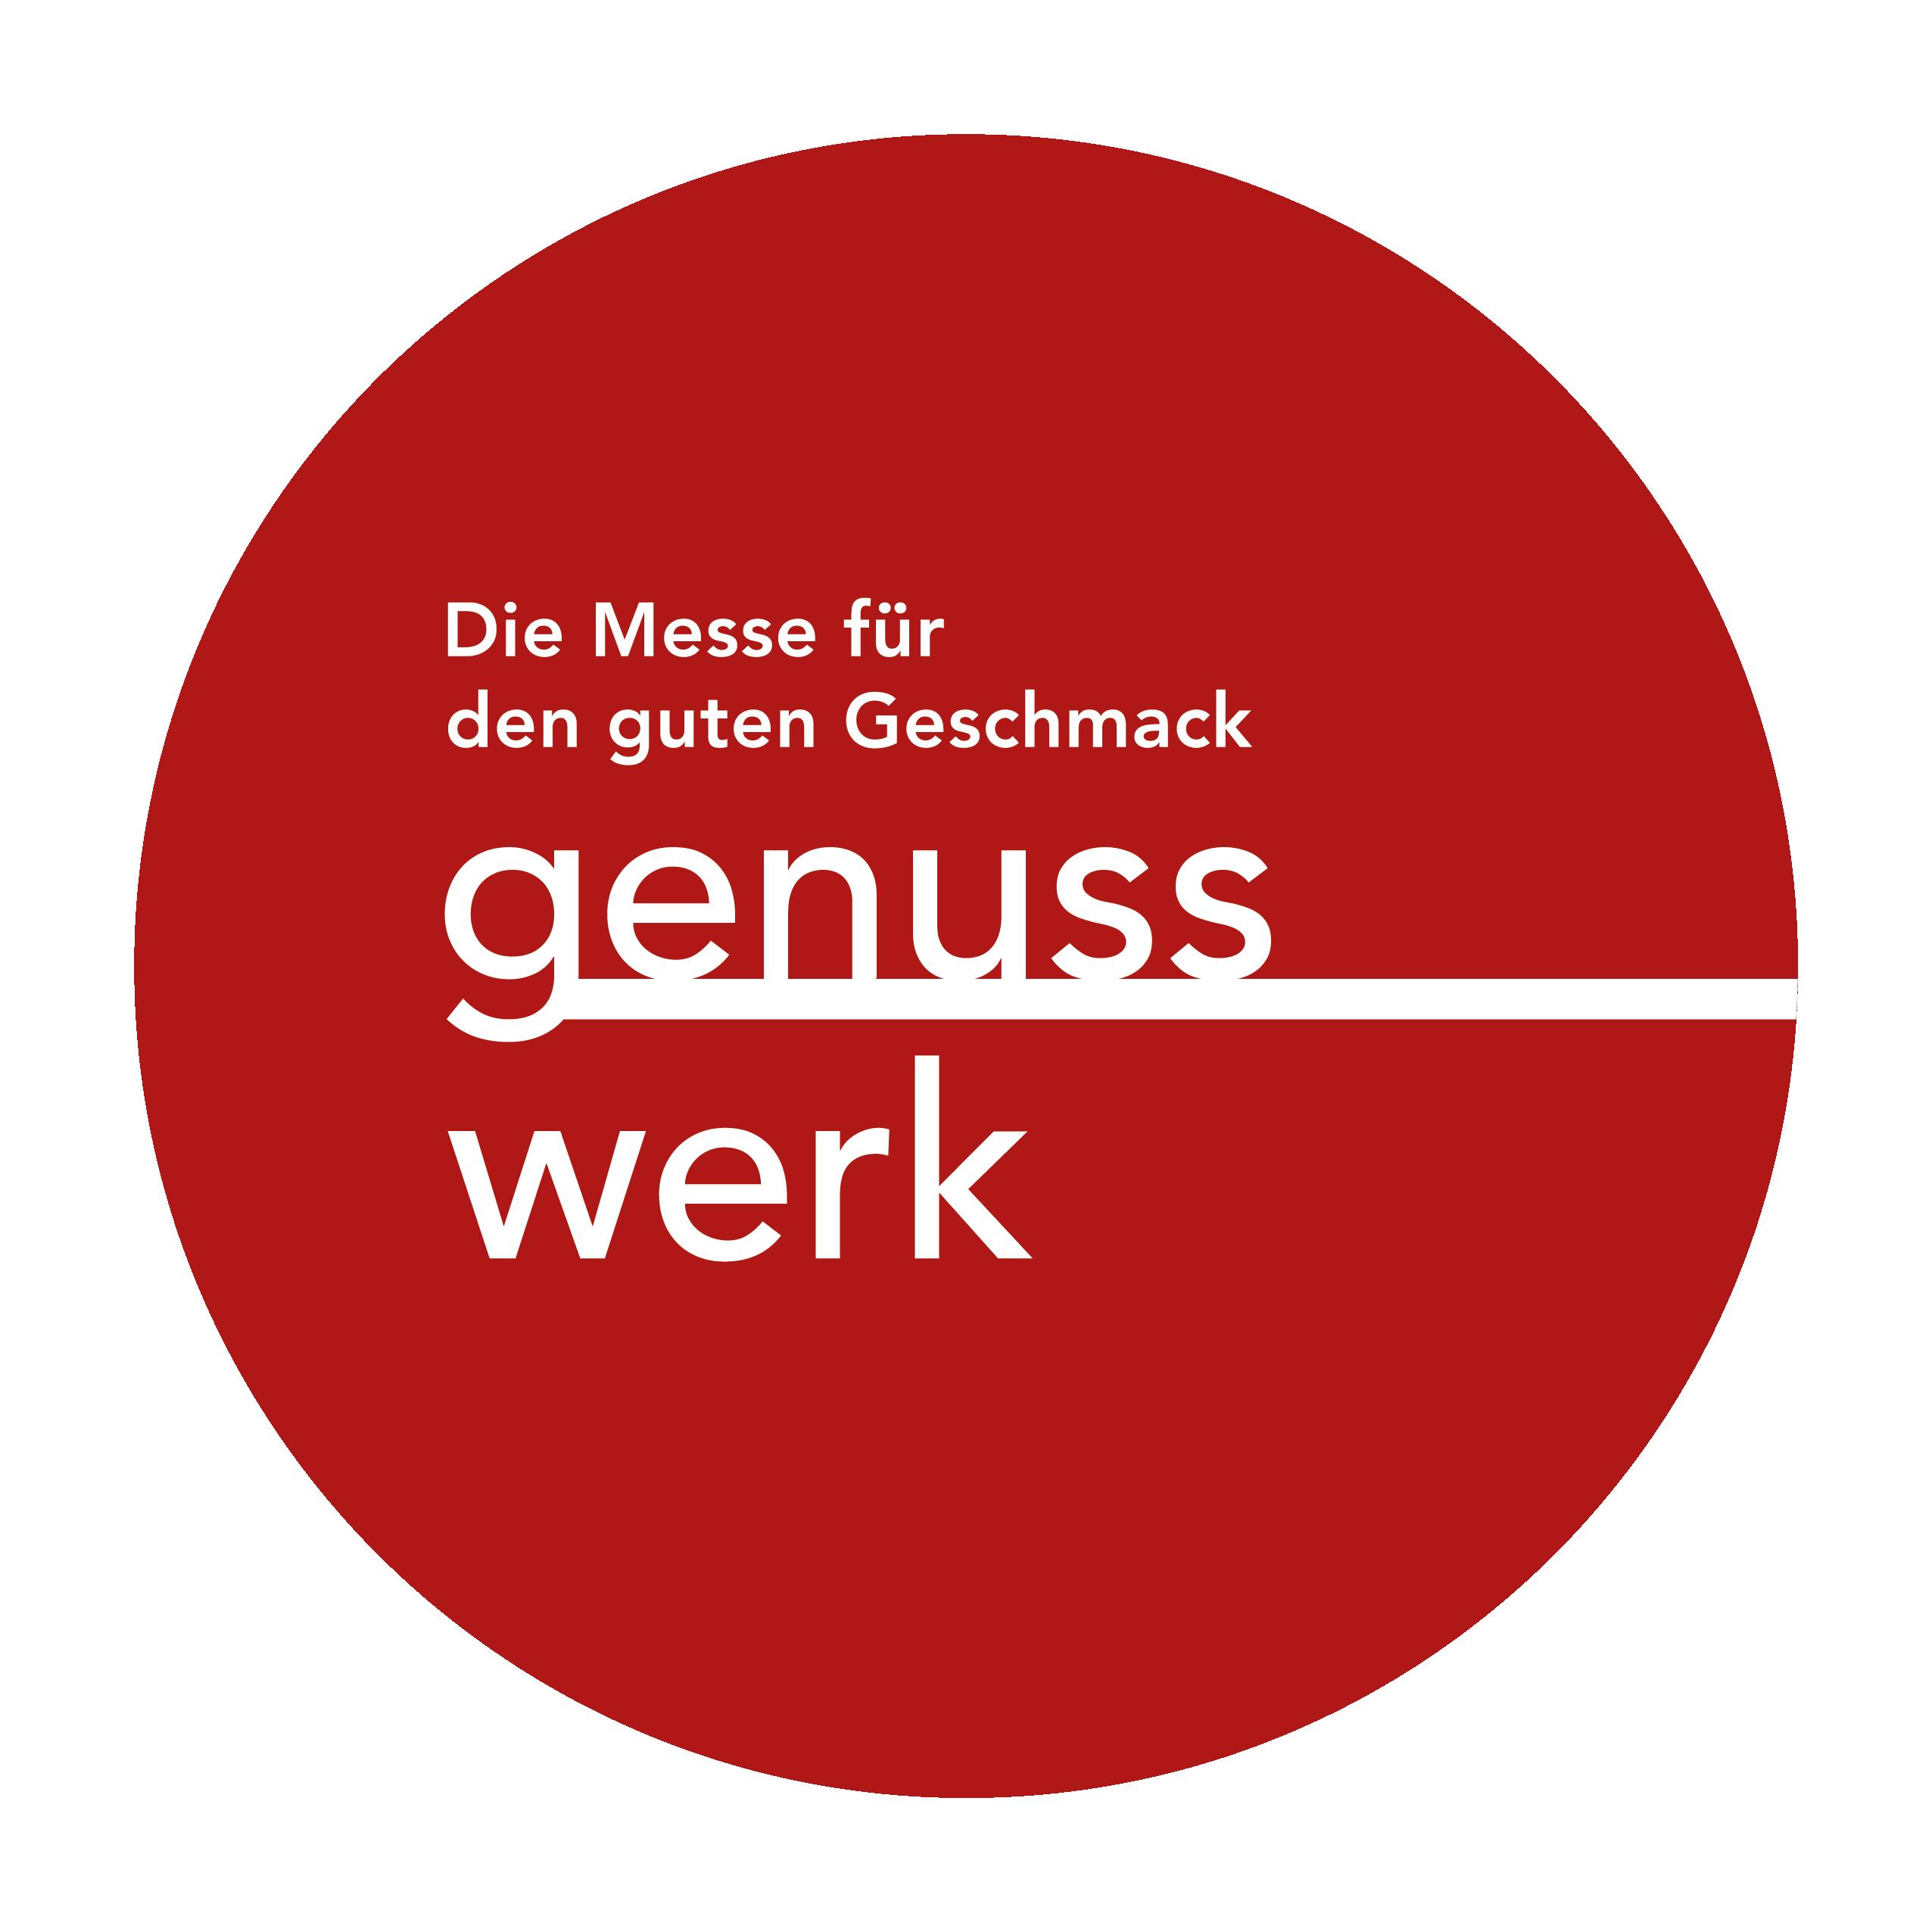 https://www.ccsaar.de/wp-content/uploads/2021/04/Logo_Genusswerk_DE_CMYK.png